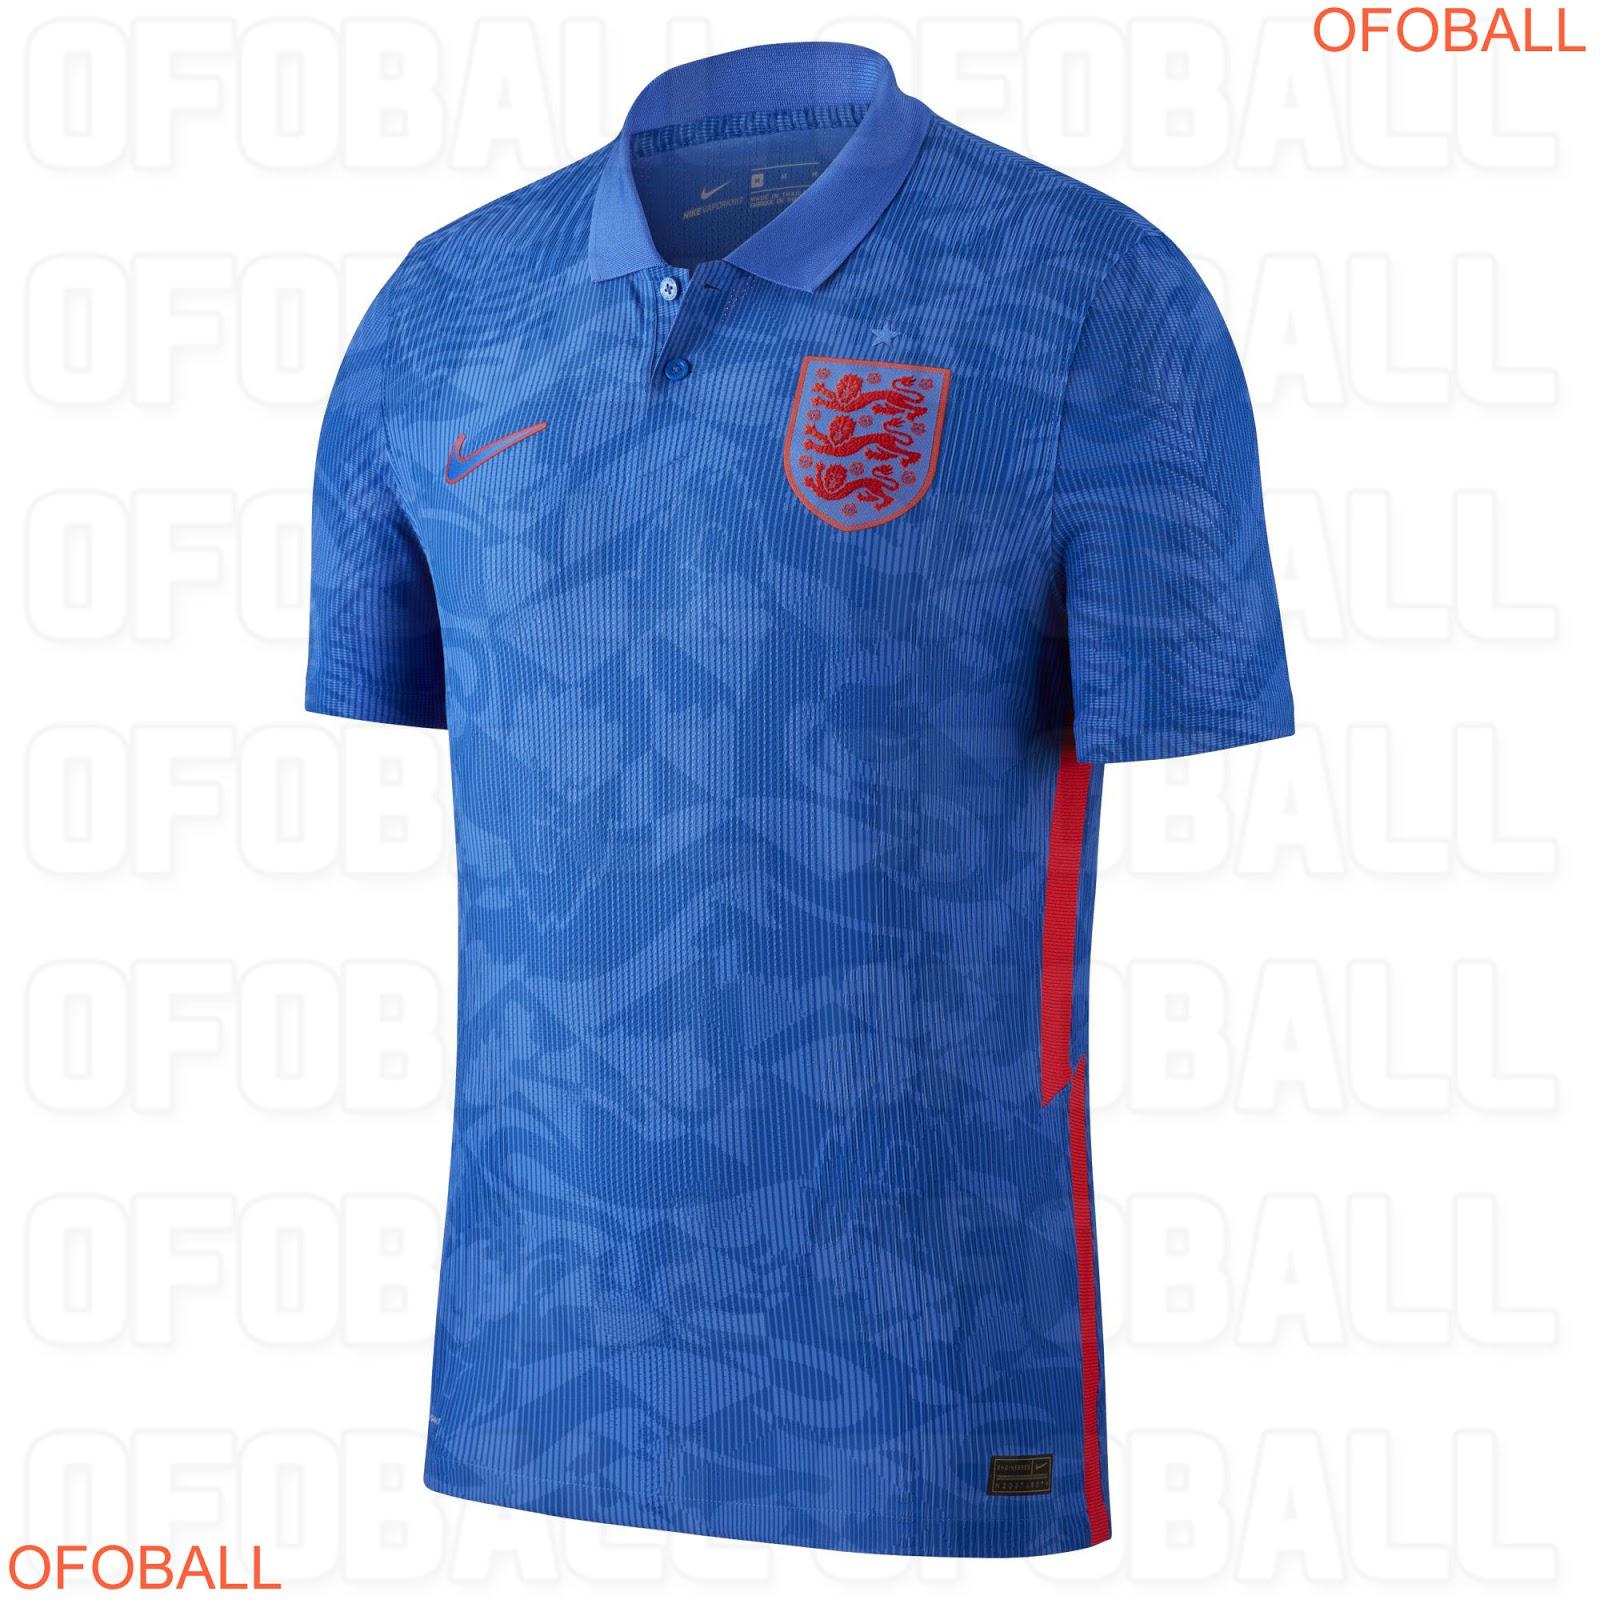 England_2020_21_Away_Shirt_Leaked_a.jpeg